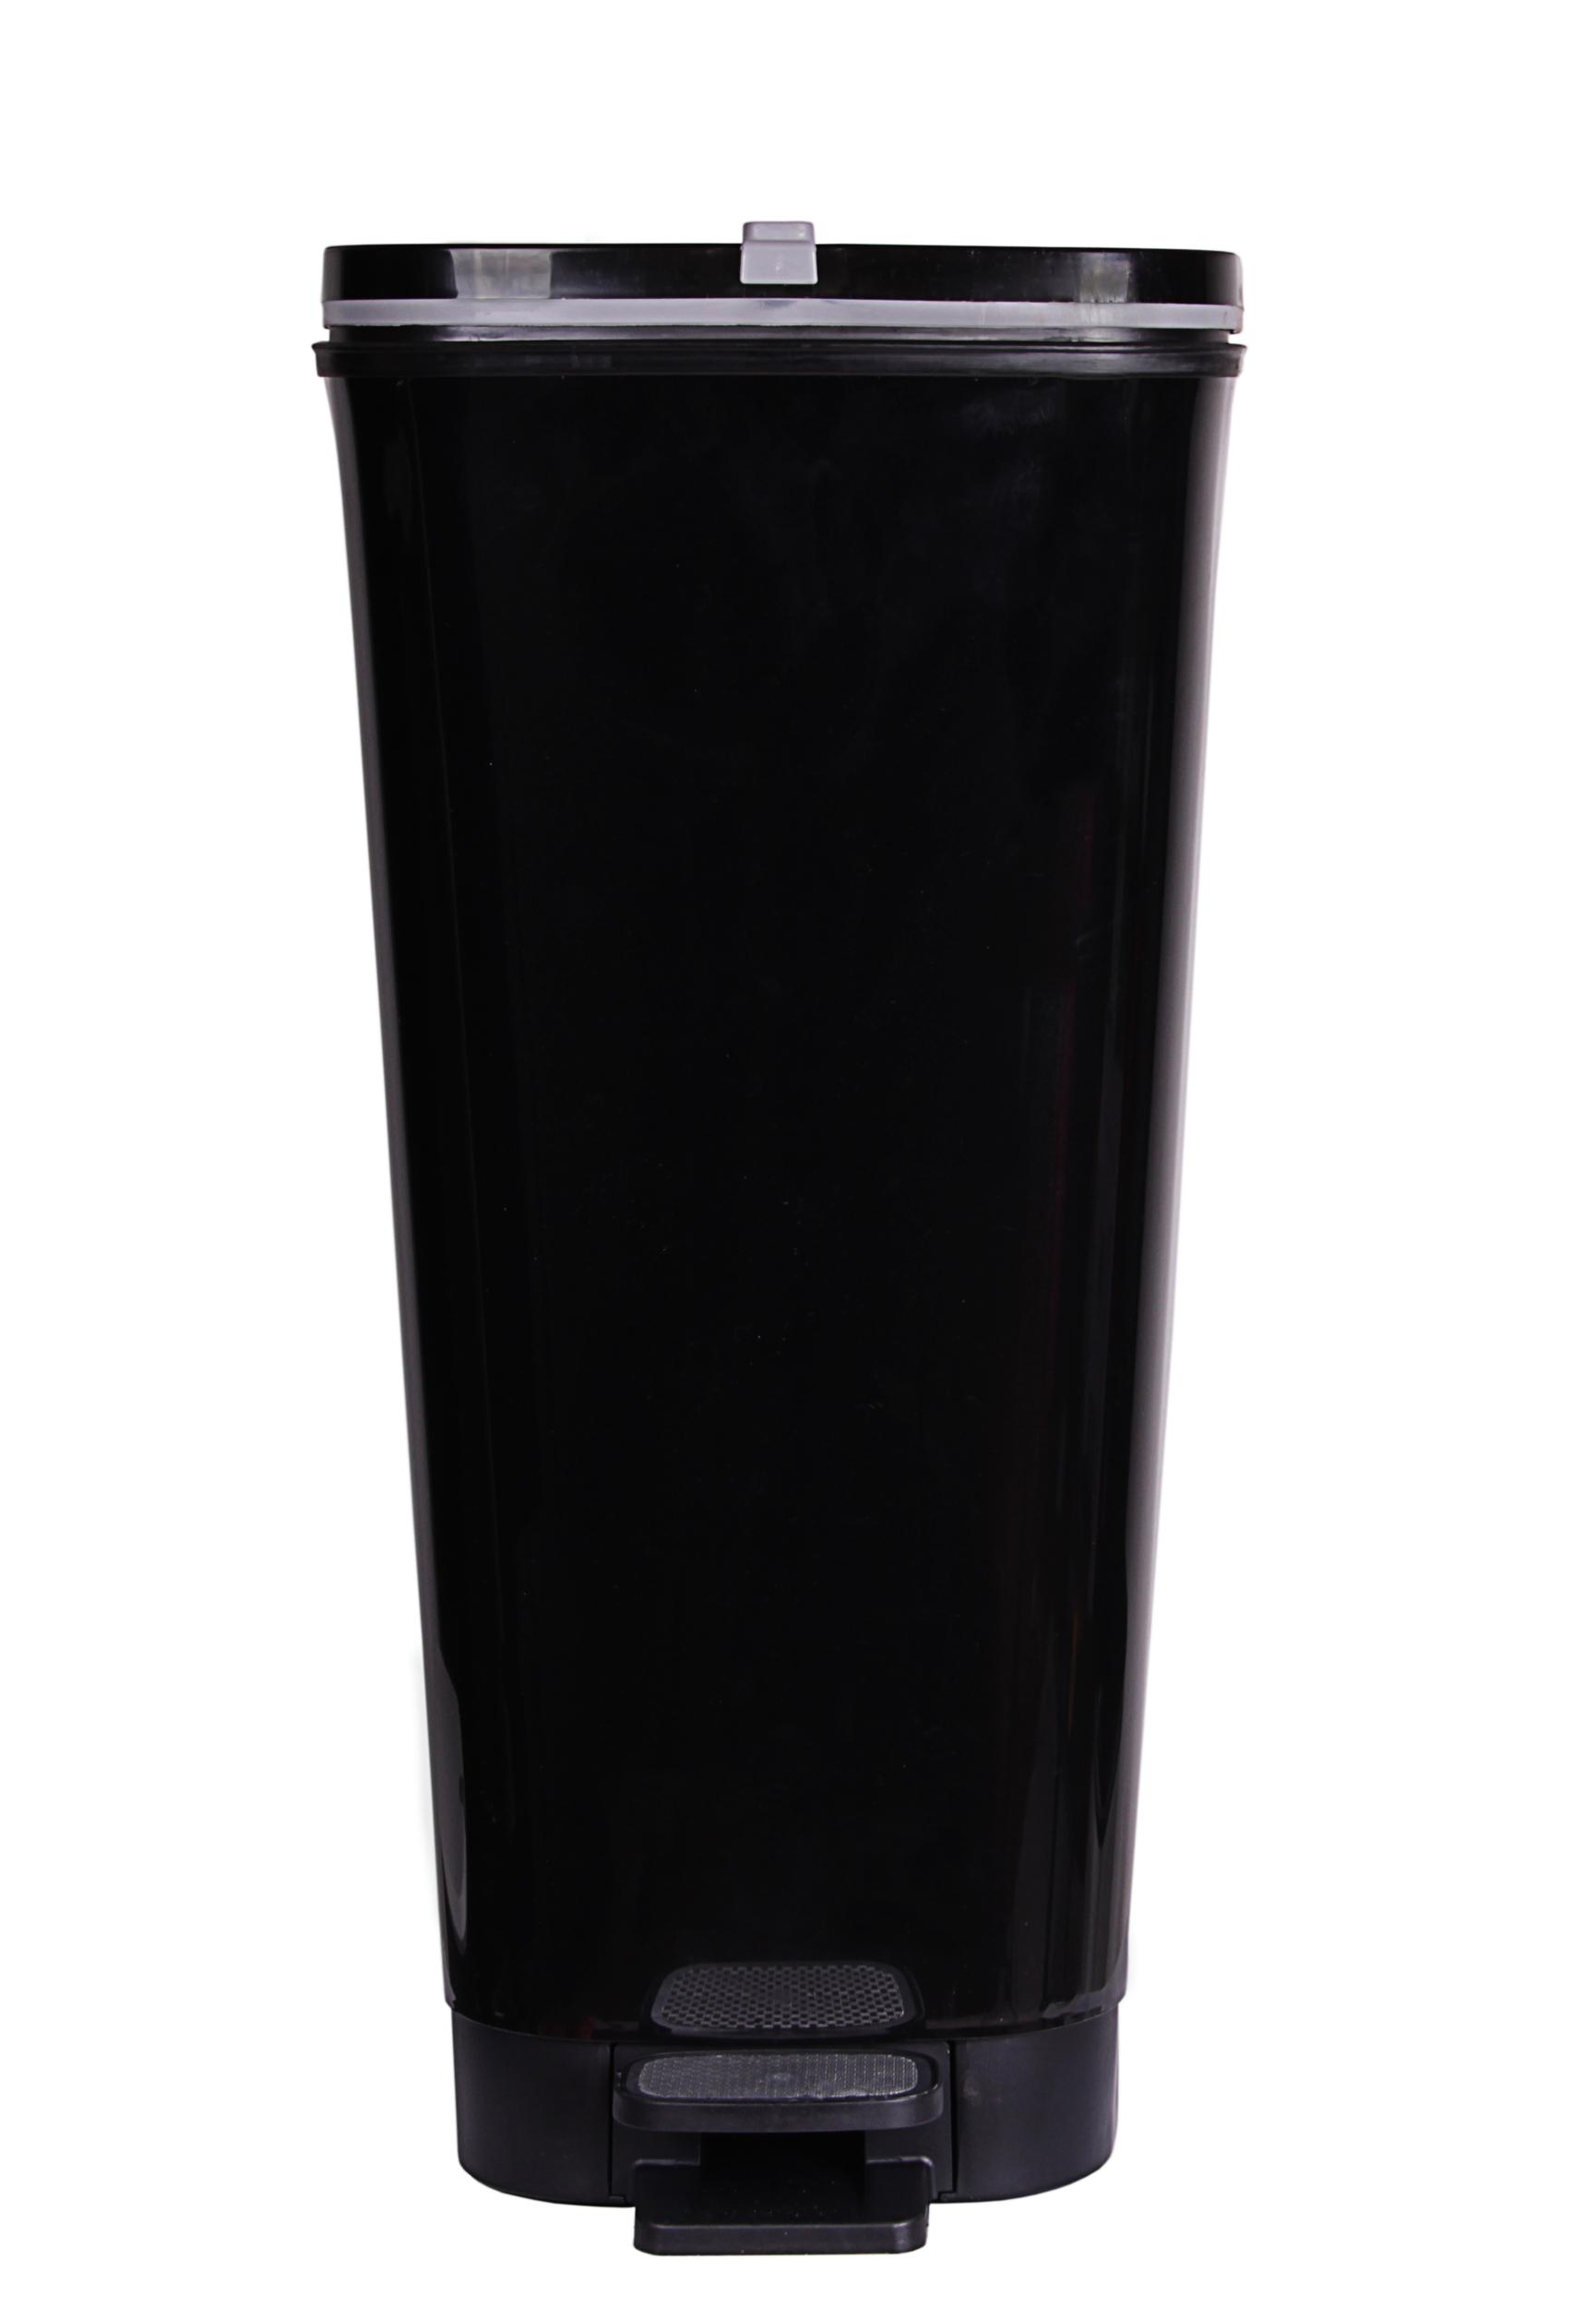 ondis24 abfalleimer m lleimer chic schwarz 45 liter g nstig online kaufen. Black Bedroom Furniture Sets. Home Design Ideas